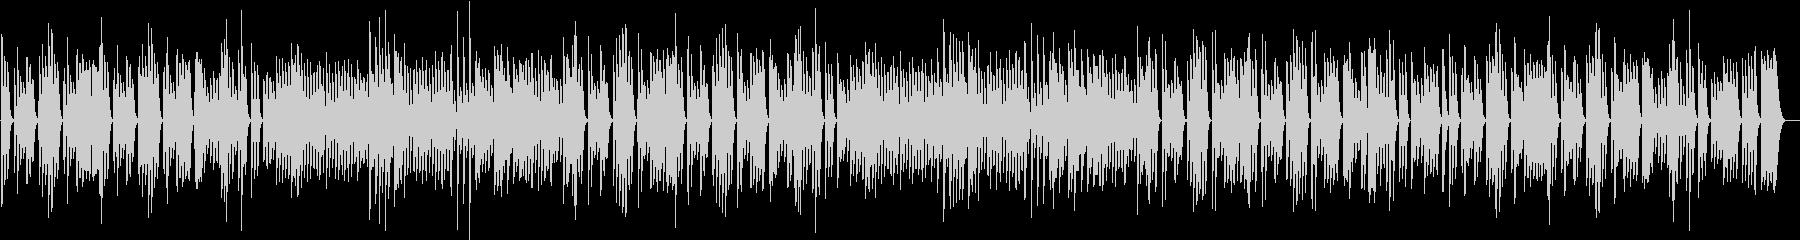 ペット動画に♪ワンパク軽快なピアノBGMの未再生の波形